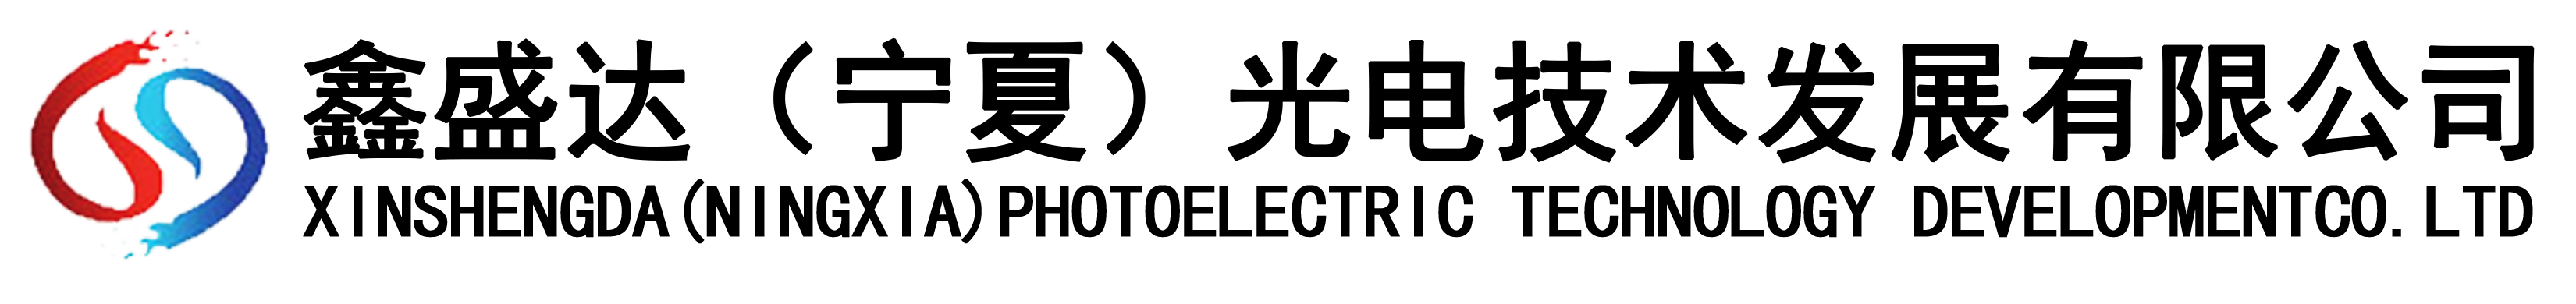 鑫盛达(宁夏)光电技术开展有限龙8国际娱乐开户